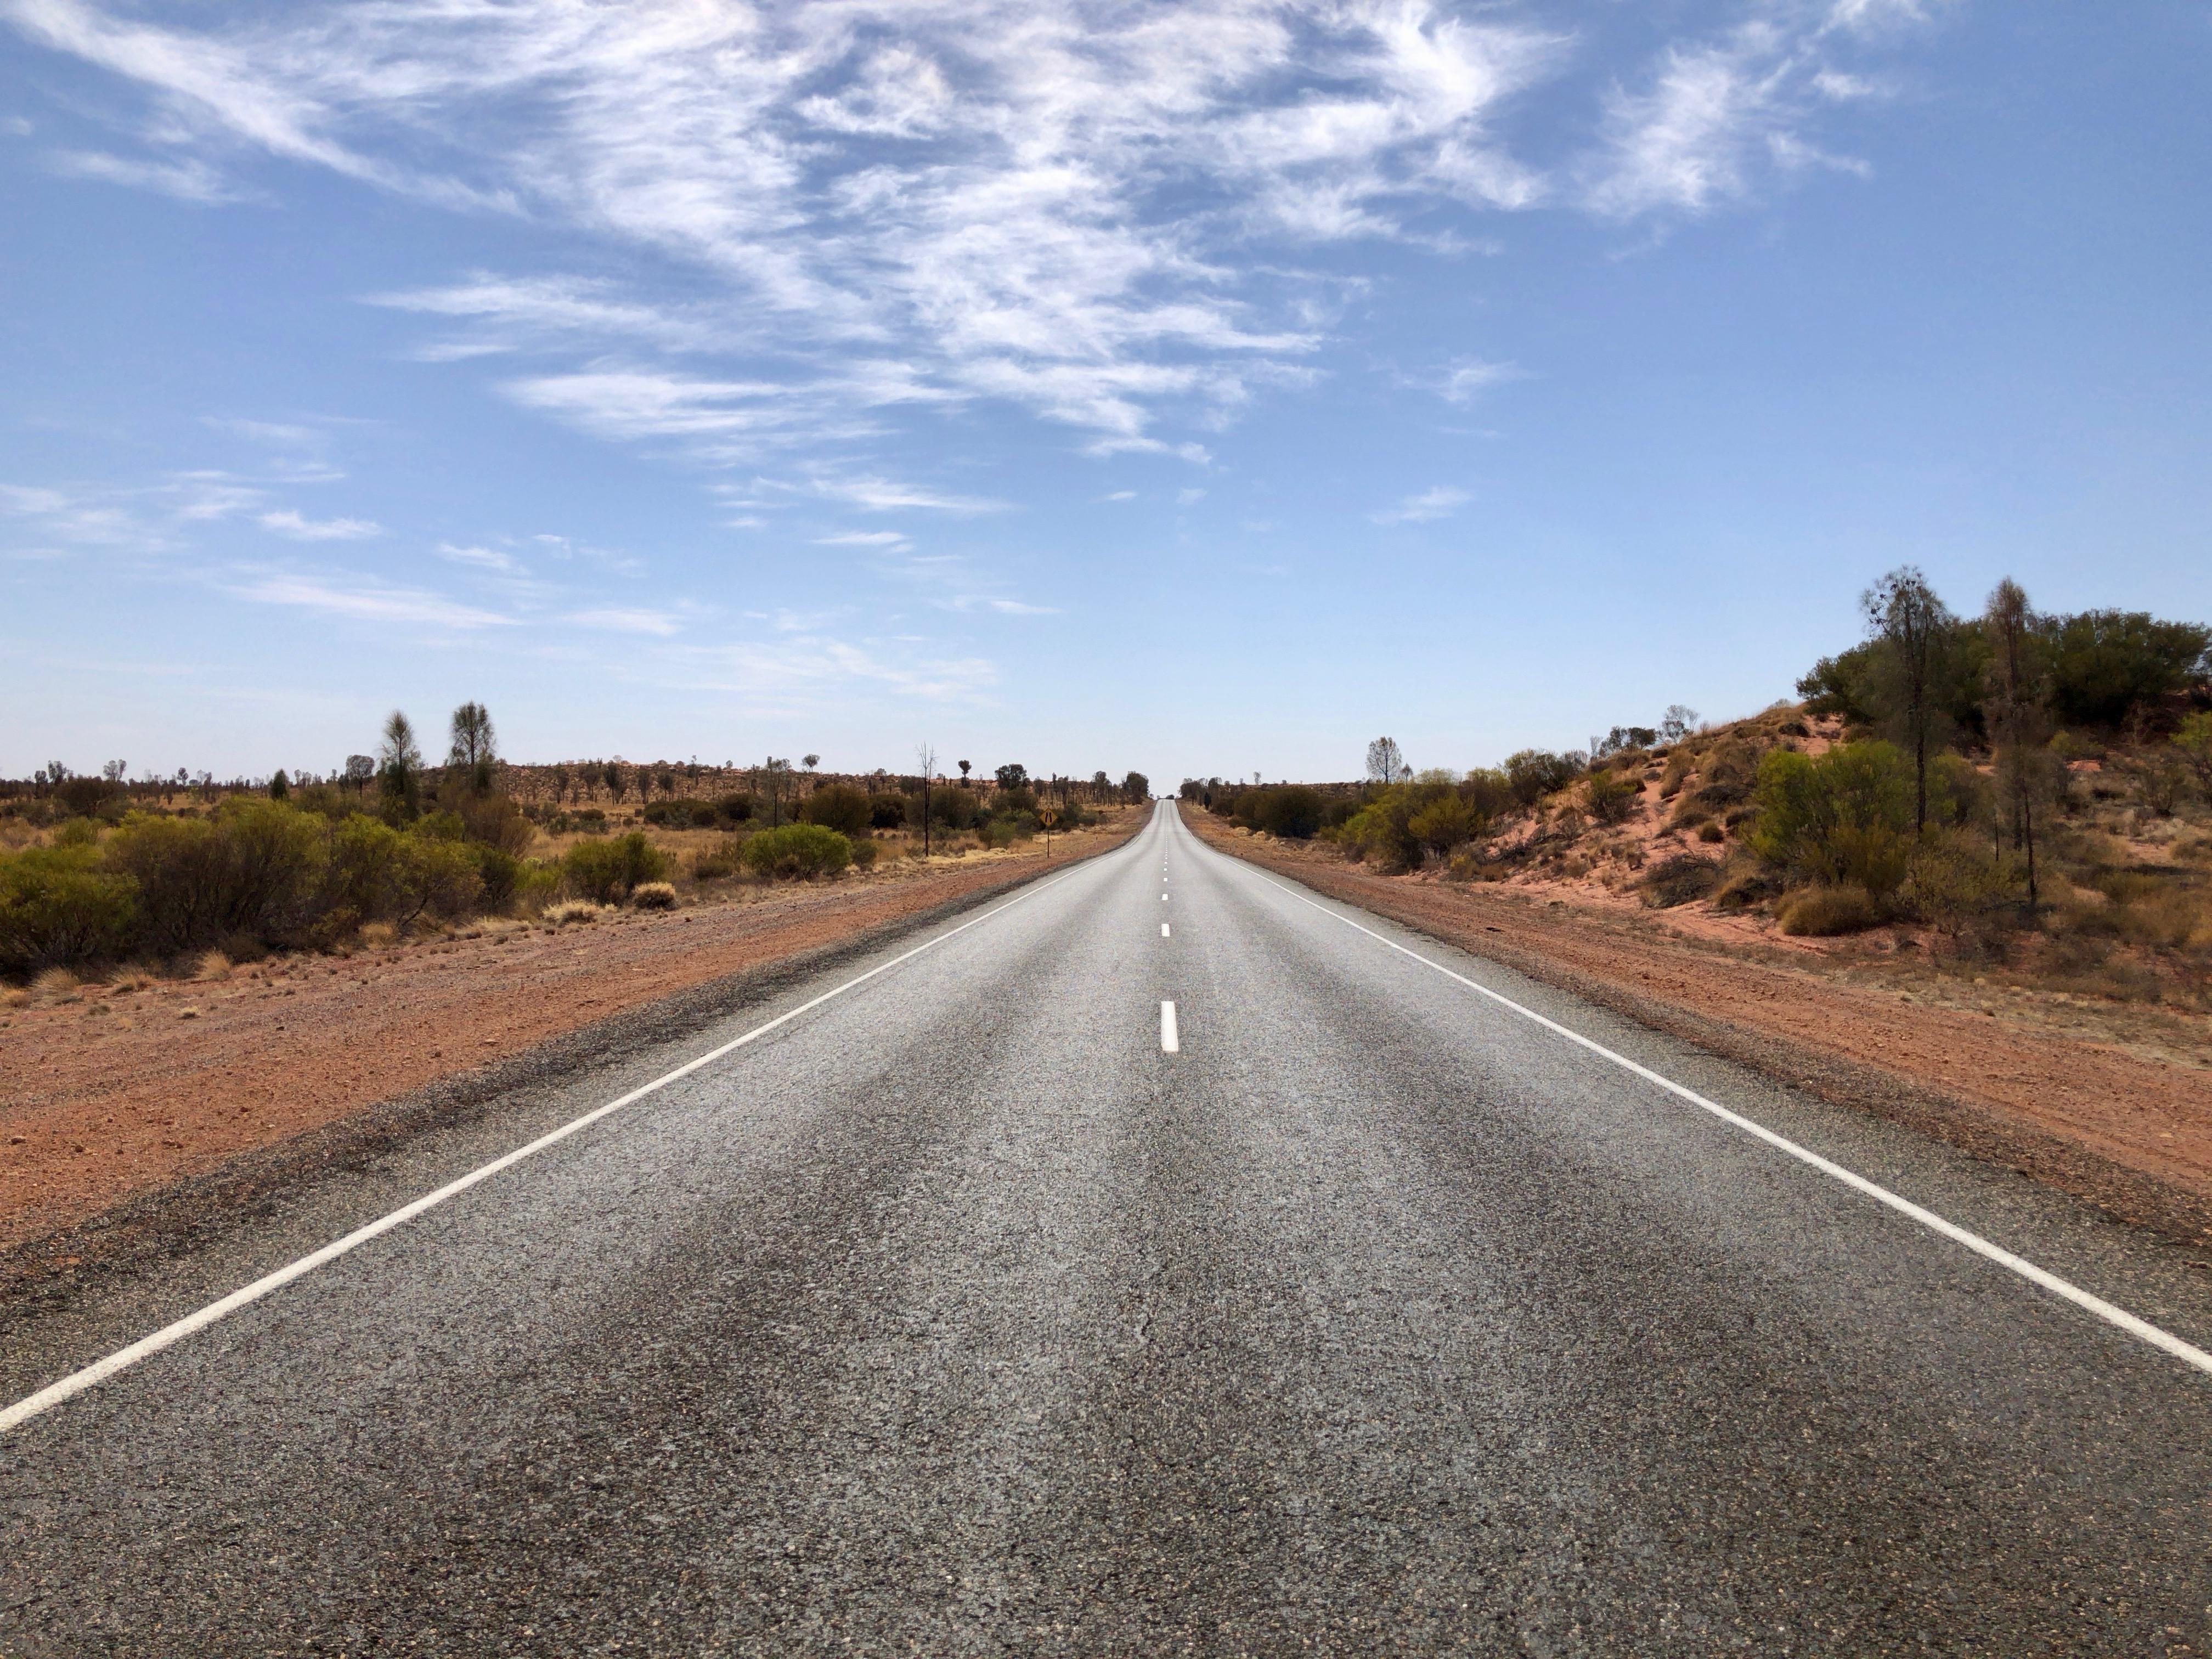 オーストラリア,キングスキャニオン,サービスエリア,エアーズロック,レンタカー,車,一人旅